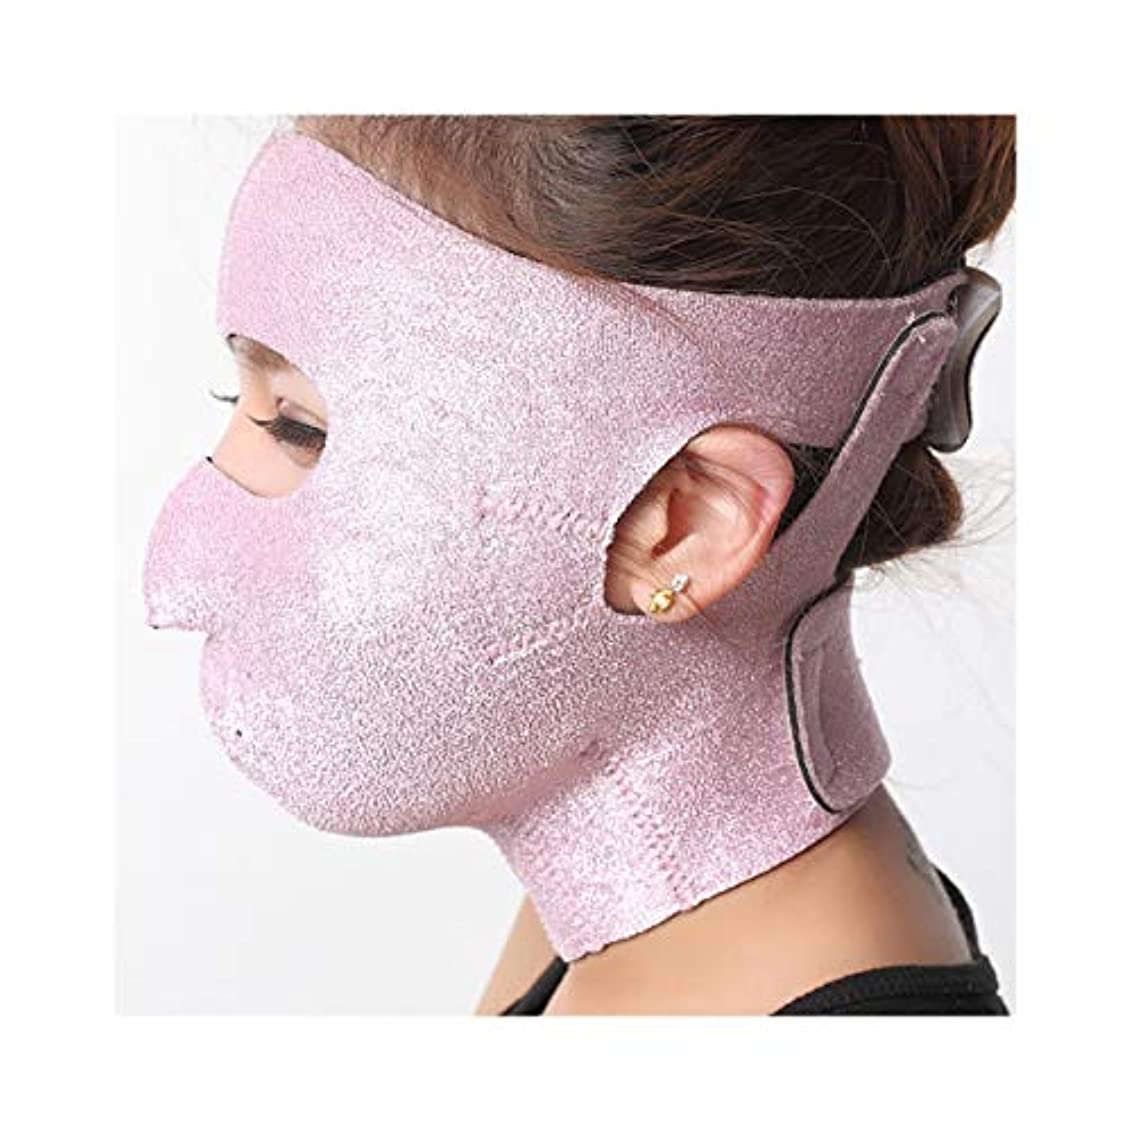 自動車列挙する列挙するTLMY 引き締めマスク小さなVフェイスアーティファクト睡眠薄いフェイス包帯マスクと引き締めマスク引き締めクリームフェイスリフトフェイスメロン 顔用整形マスク